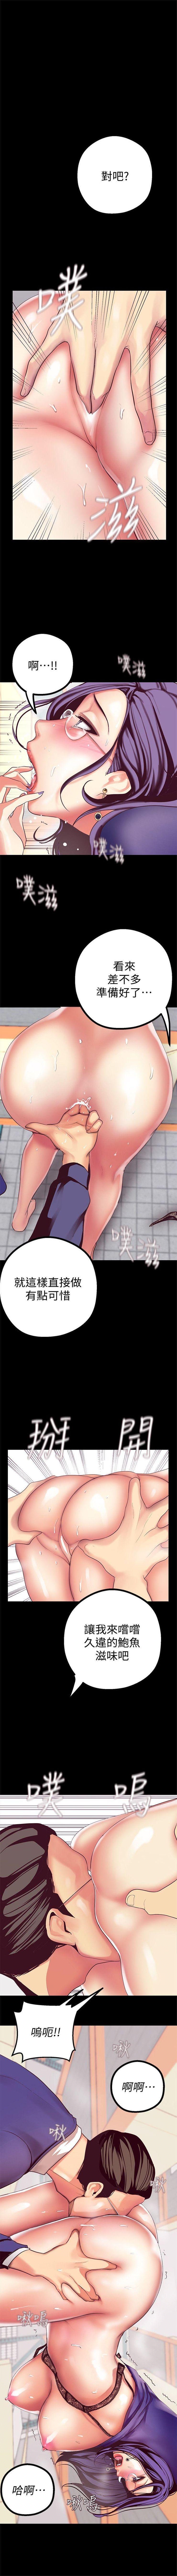 (周6)美丽新世界 1-61 中文翻译 (更新中) 156